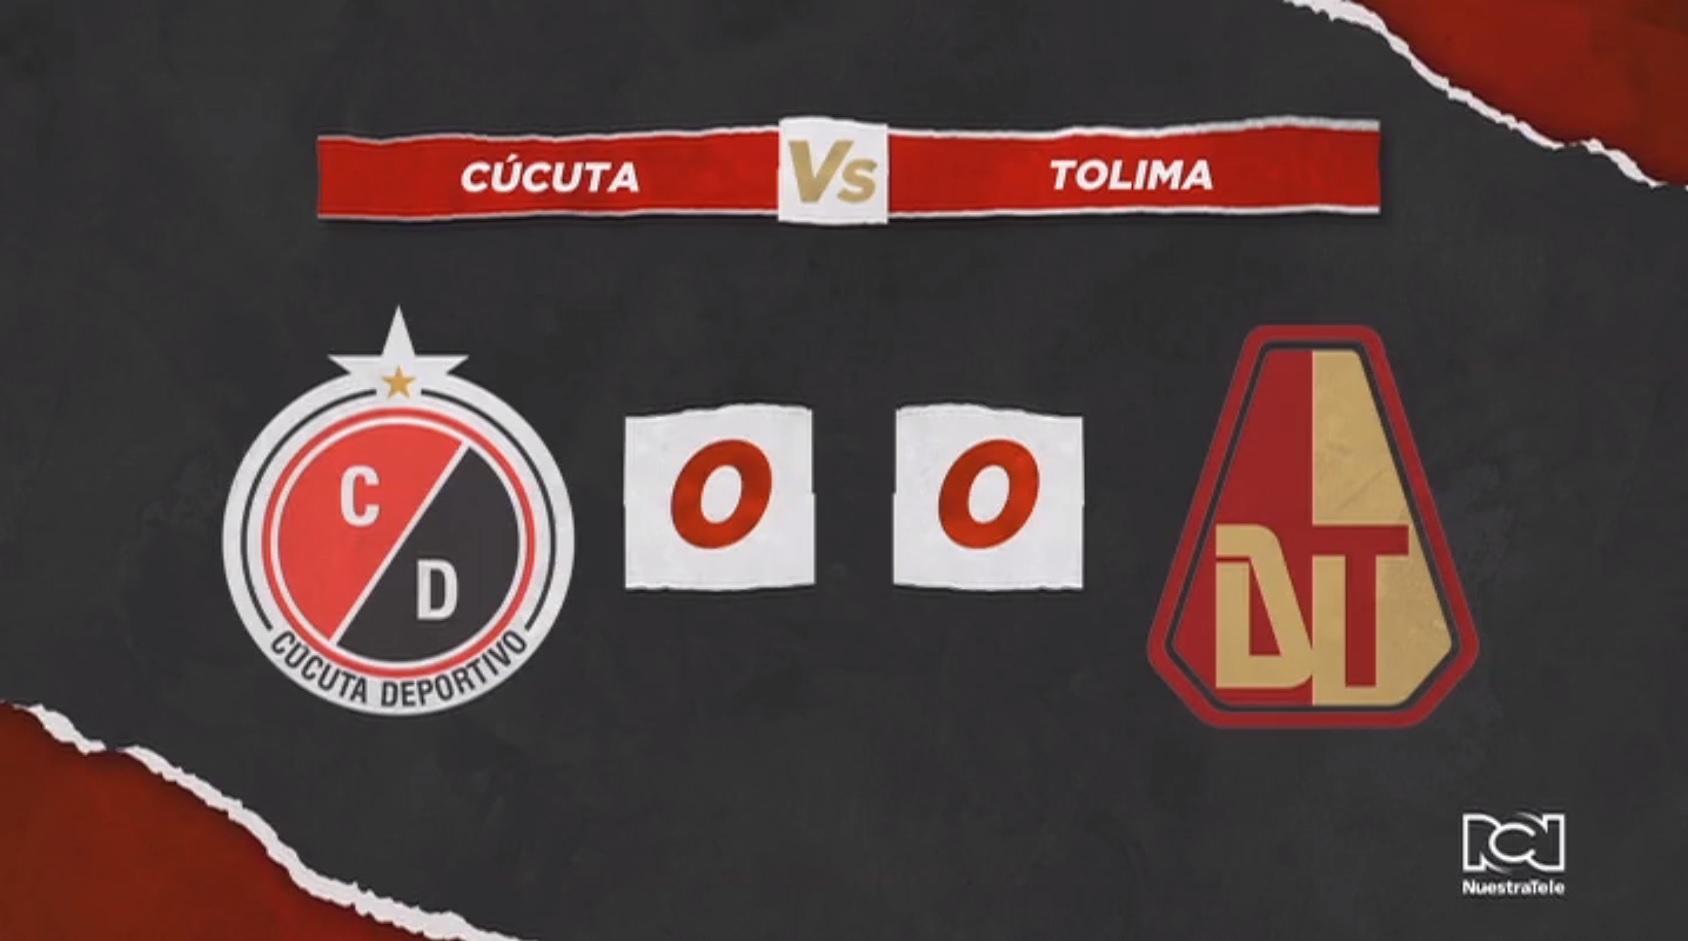 Empate entre Cúcuta y Tolima